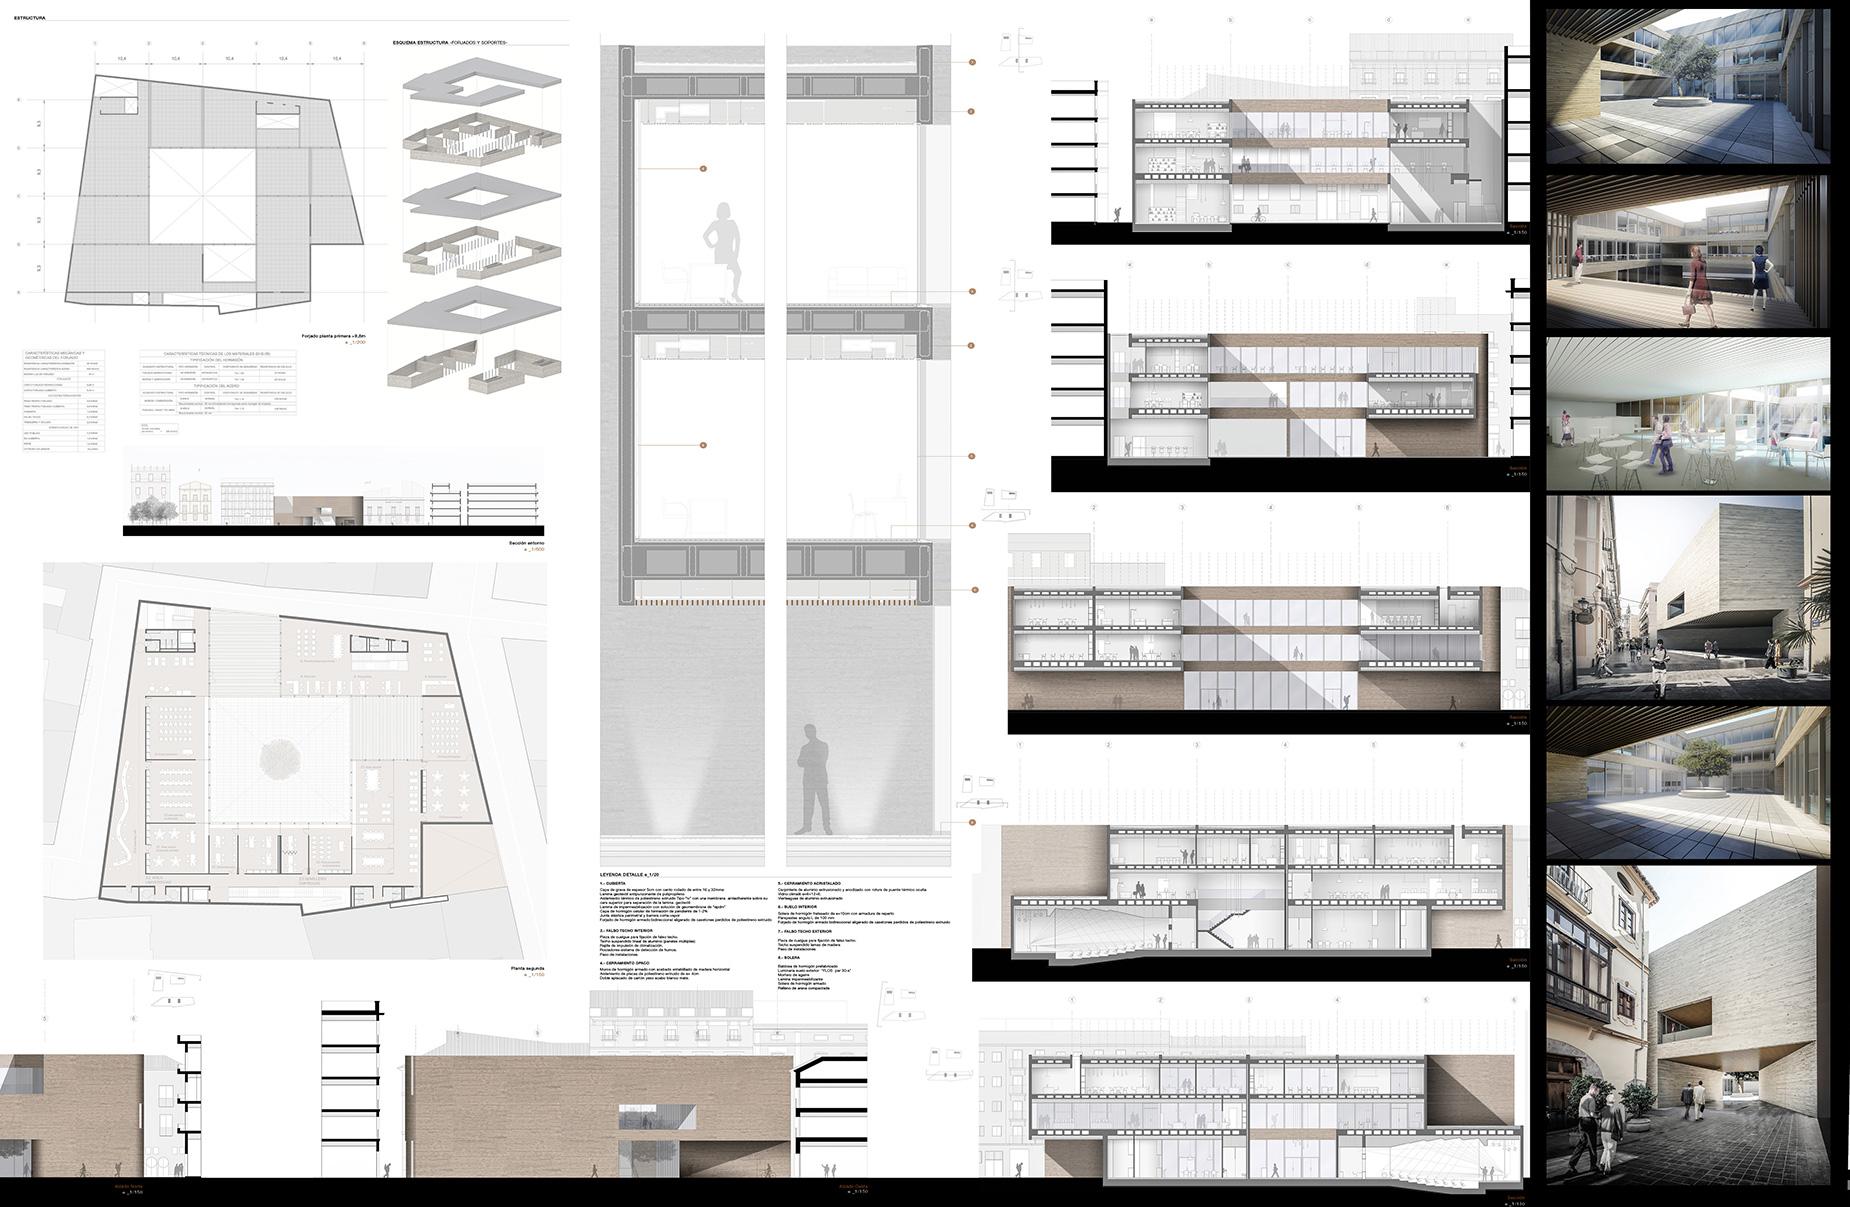 Biblioteca y centro de conocimiento en valencia for Biblioteca programa arquitectonico